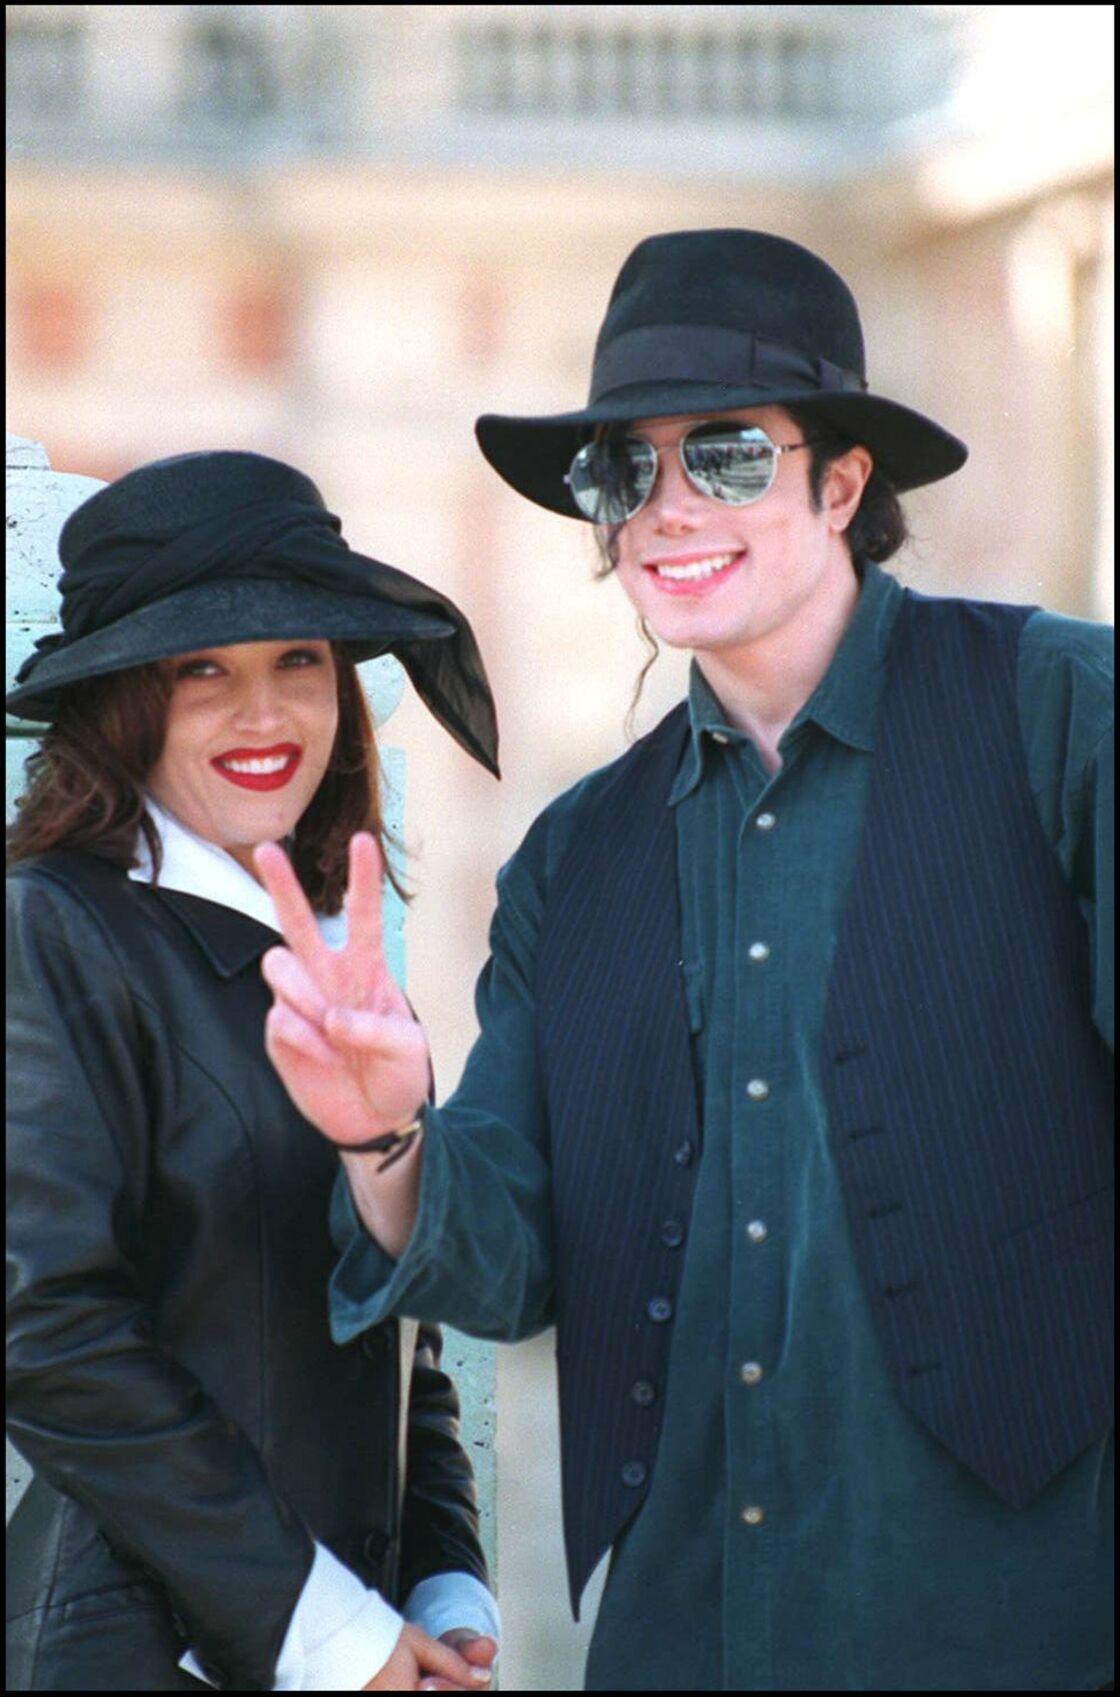 Michael Jackson a partagé la vie de Lisa Marie Presley, la fille d'Elvis Presley, durant les années 1990